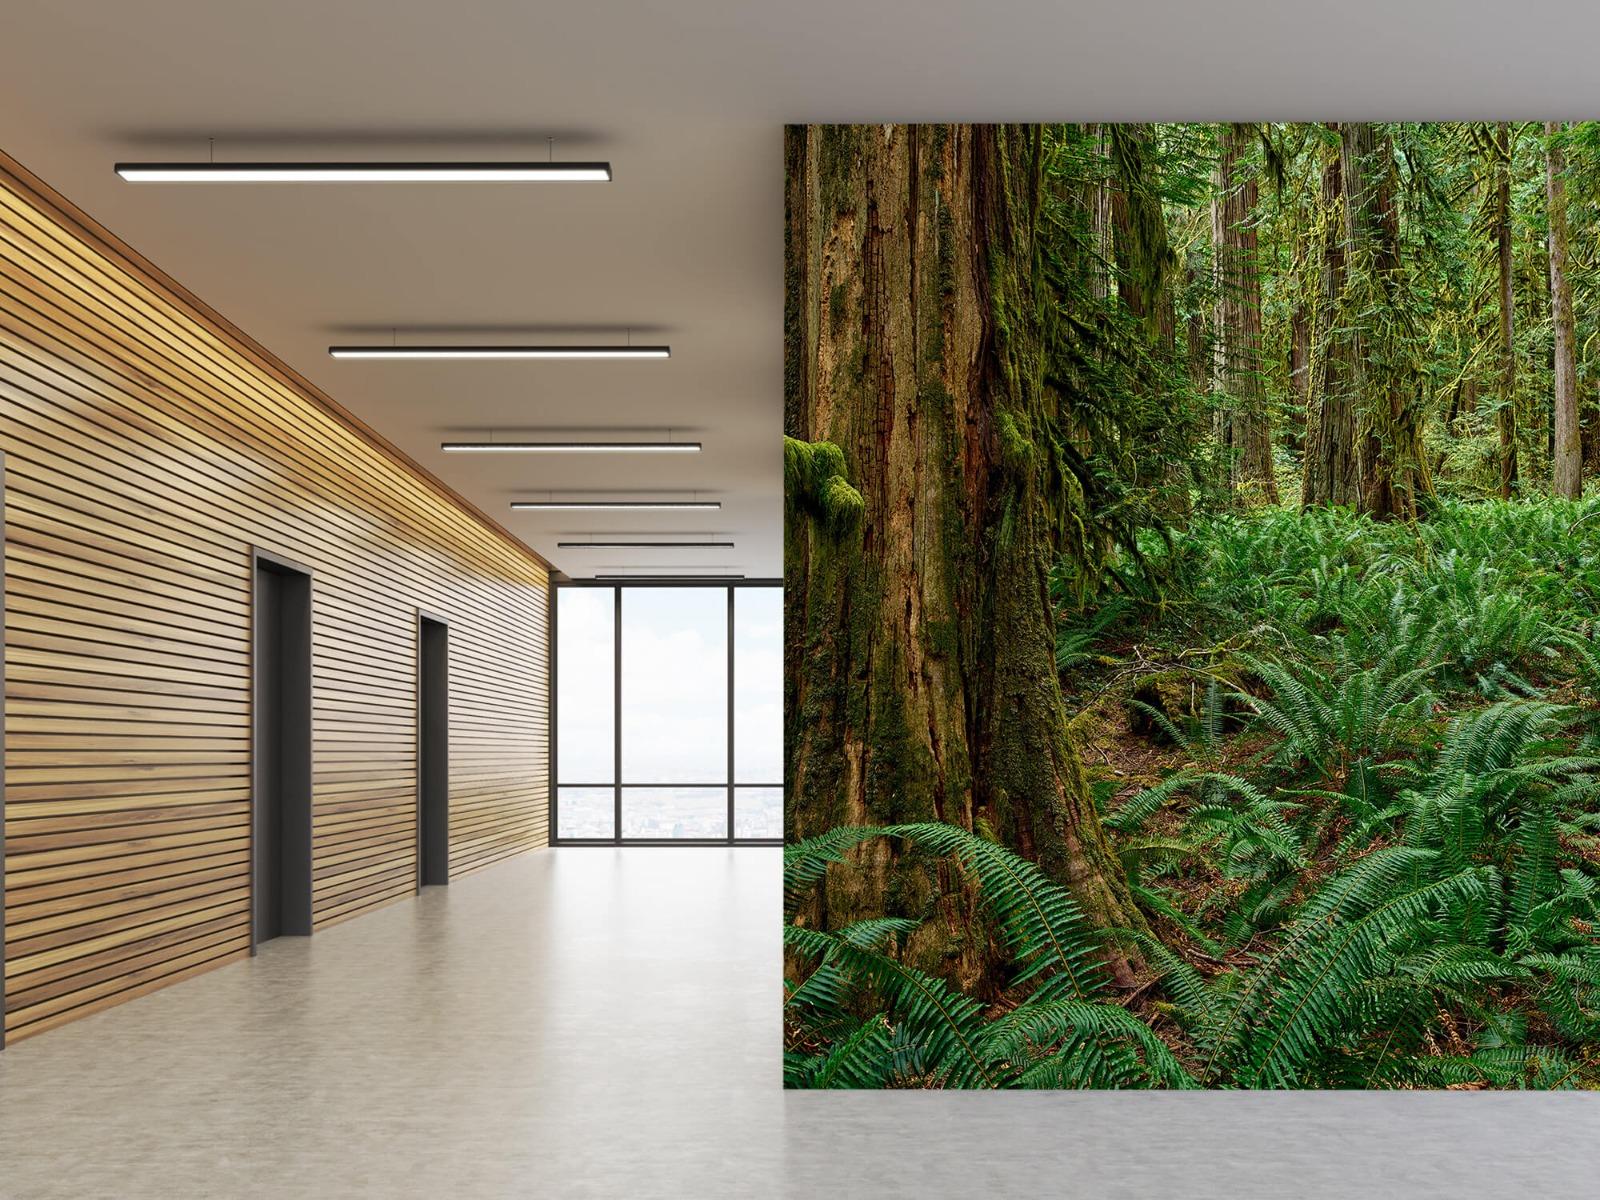 Bos behang - Varens en bomen - Wallexclusive - Slaapkamer 5